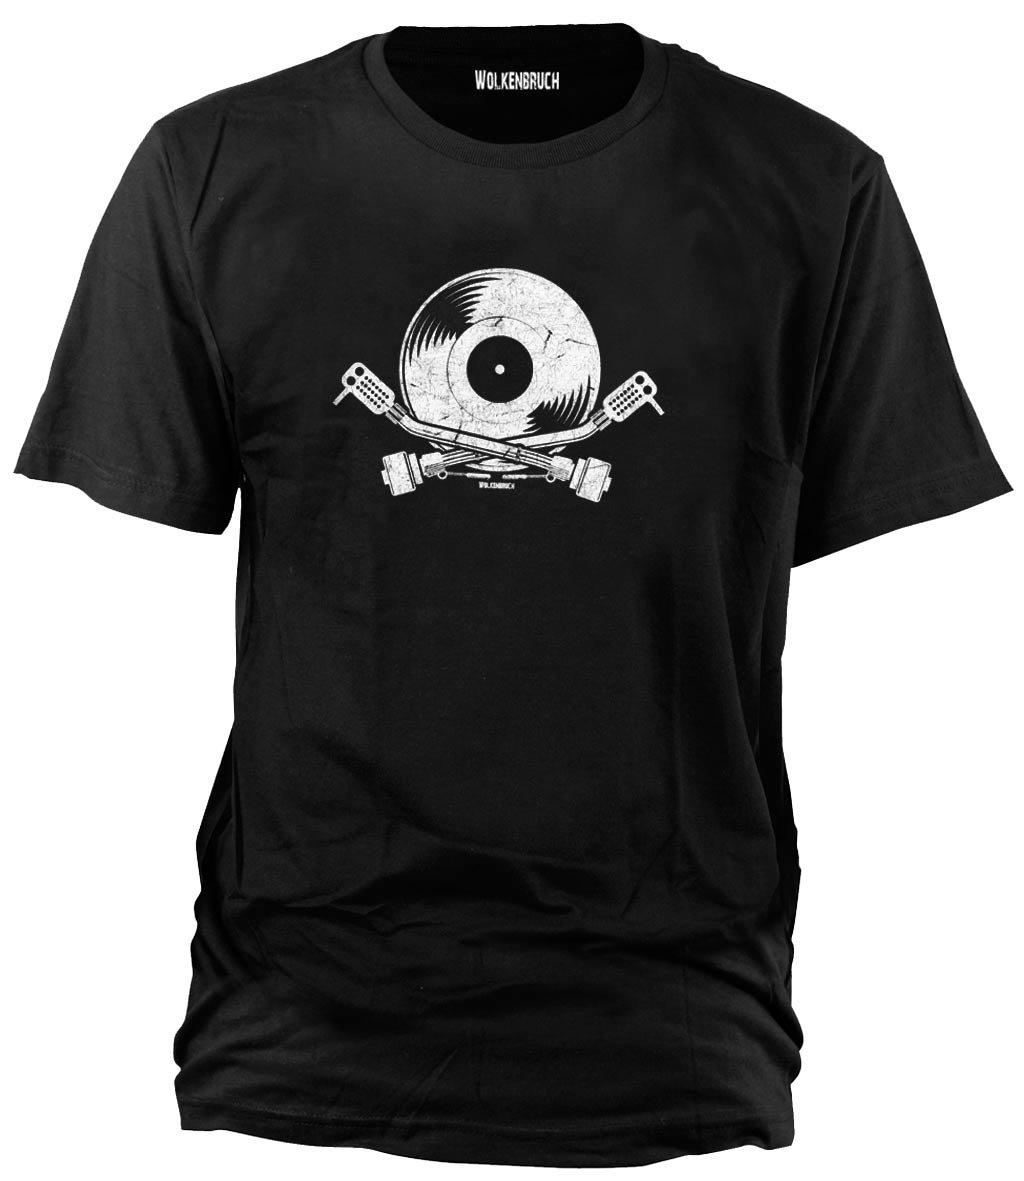 Wolkenbruch Herren T-Shirt Schallplatte DJ Plattenspieler Vintage Style Vers.  Farben Gr. S bis XXL: Amazon.de: Bekleidung